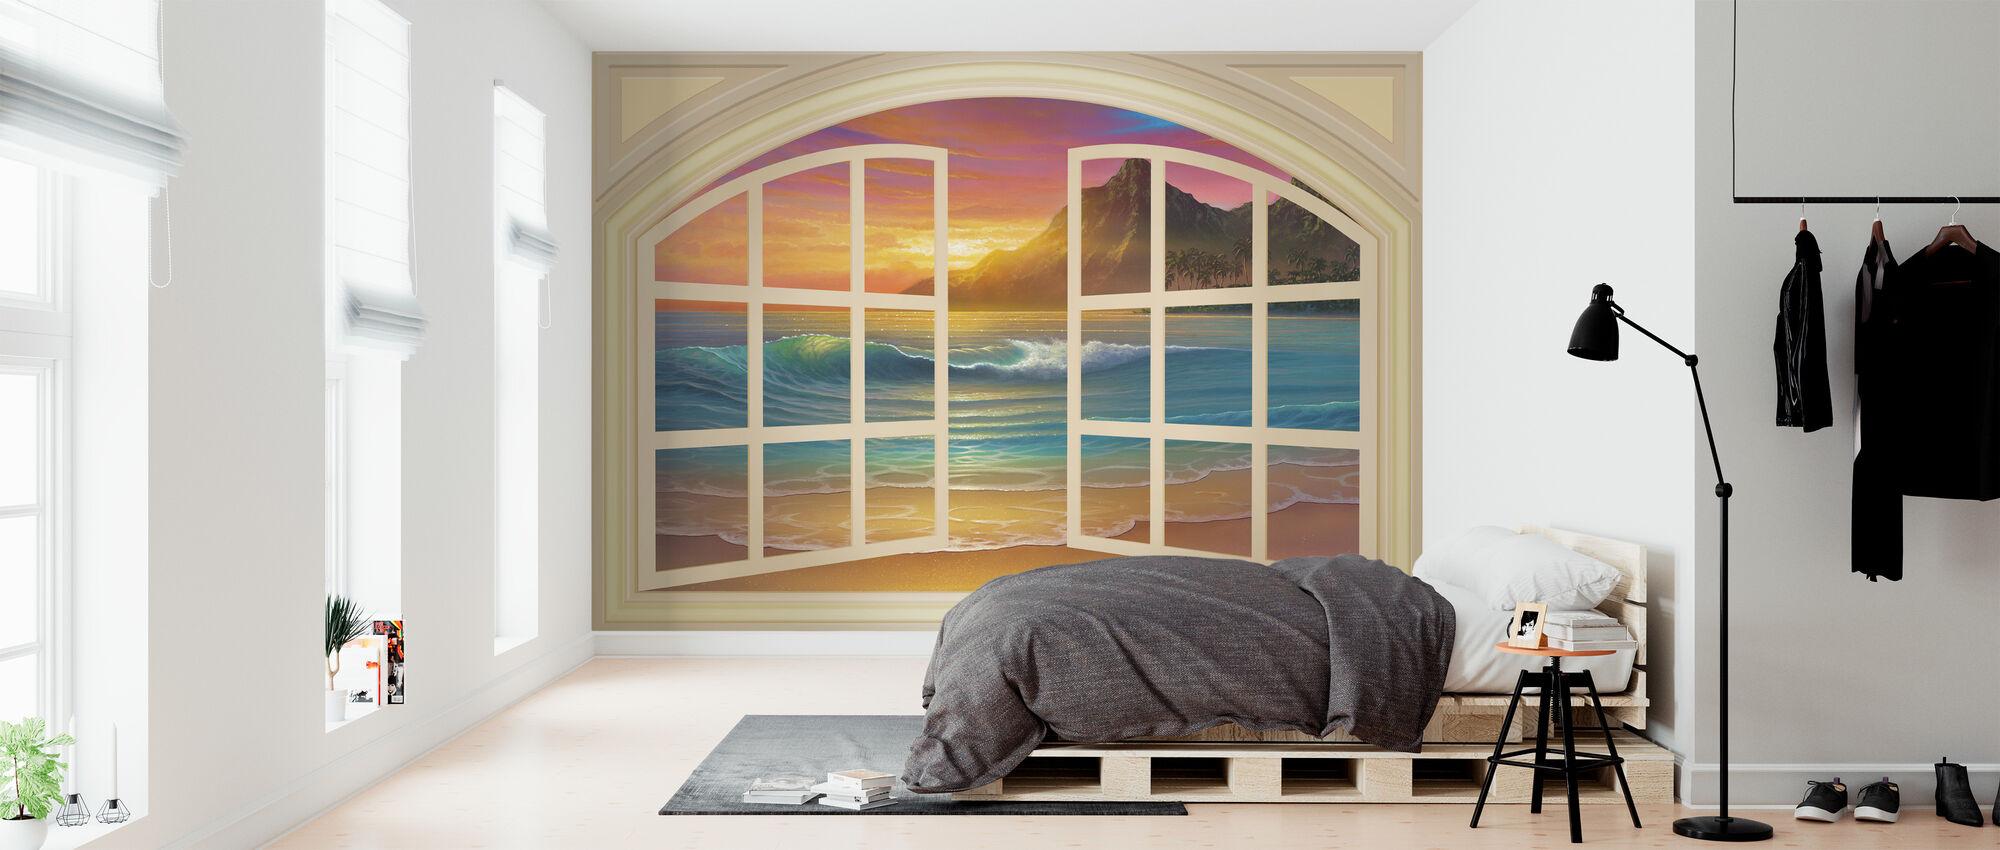 Golden Sunset ikkunan kautta - Tapetti - Makuuhuone